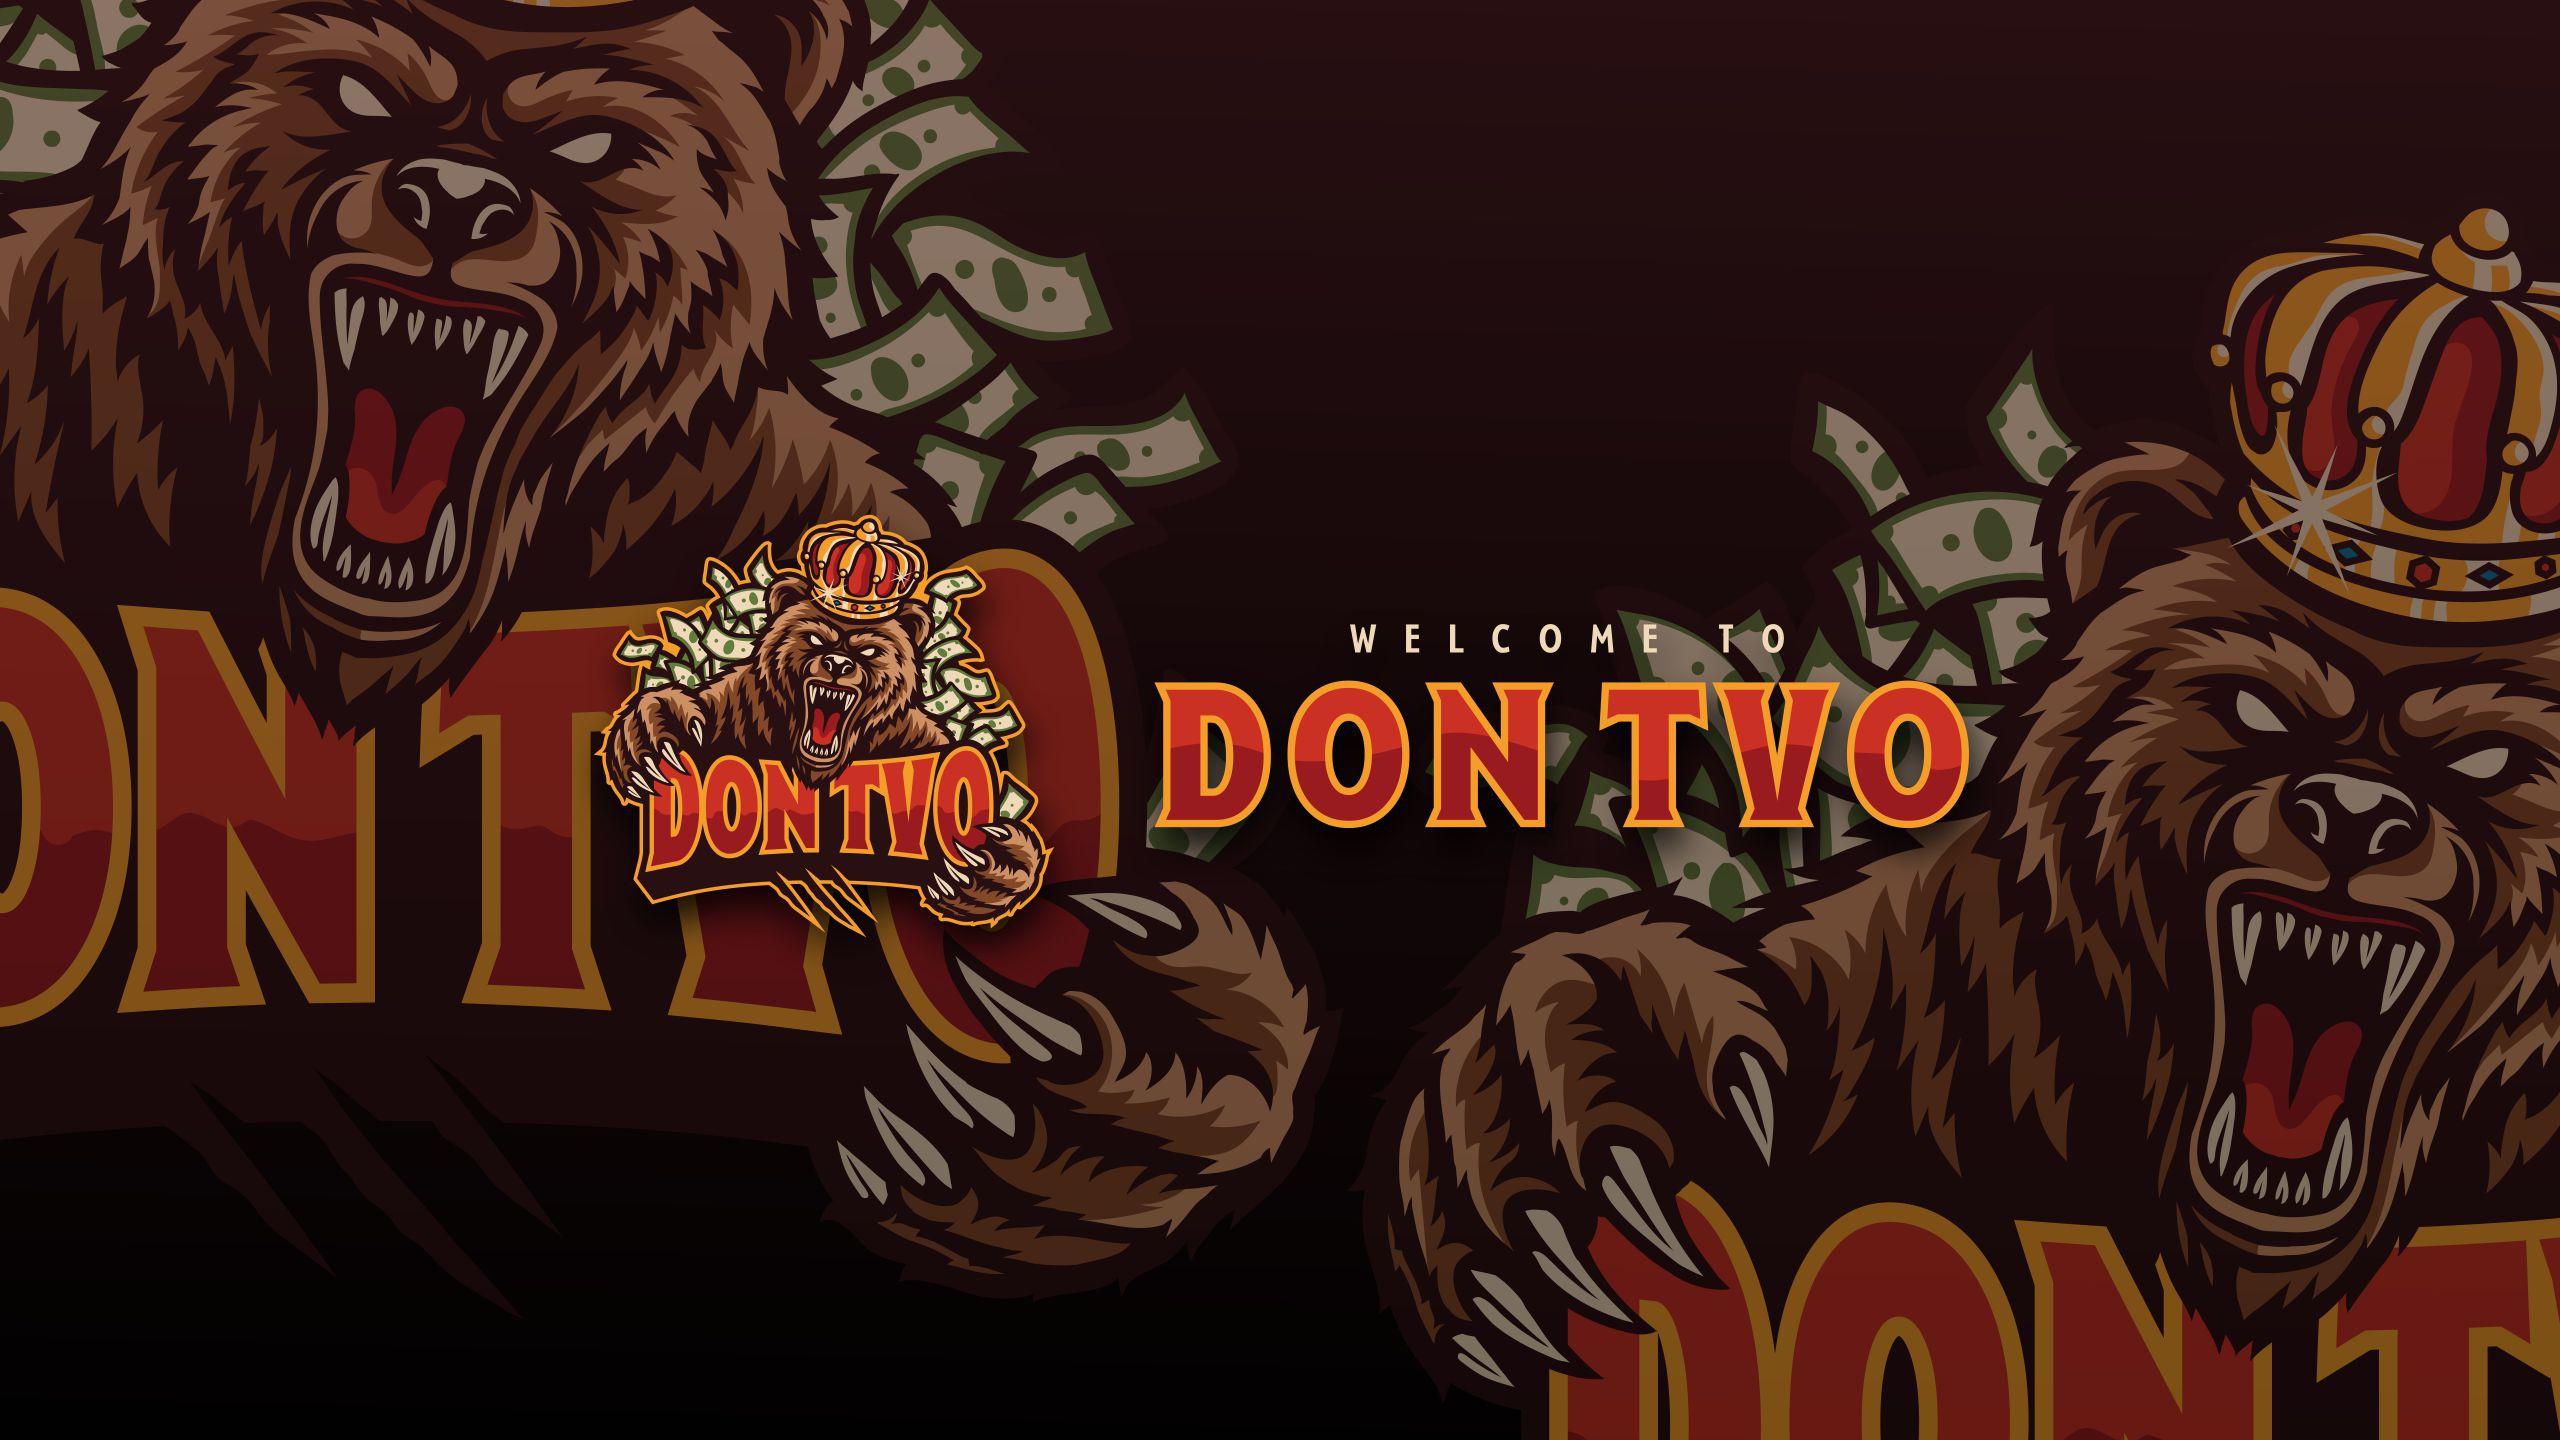 DON TVO